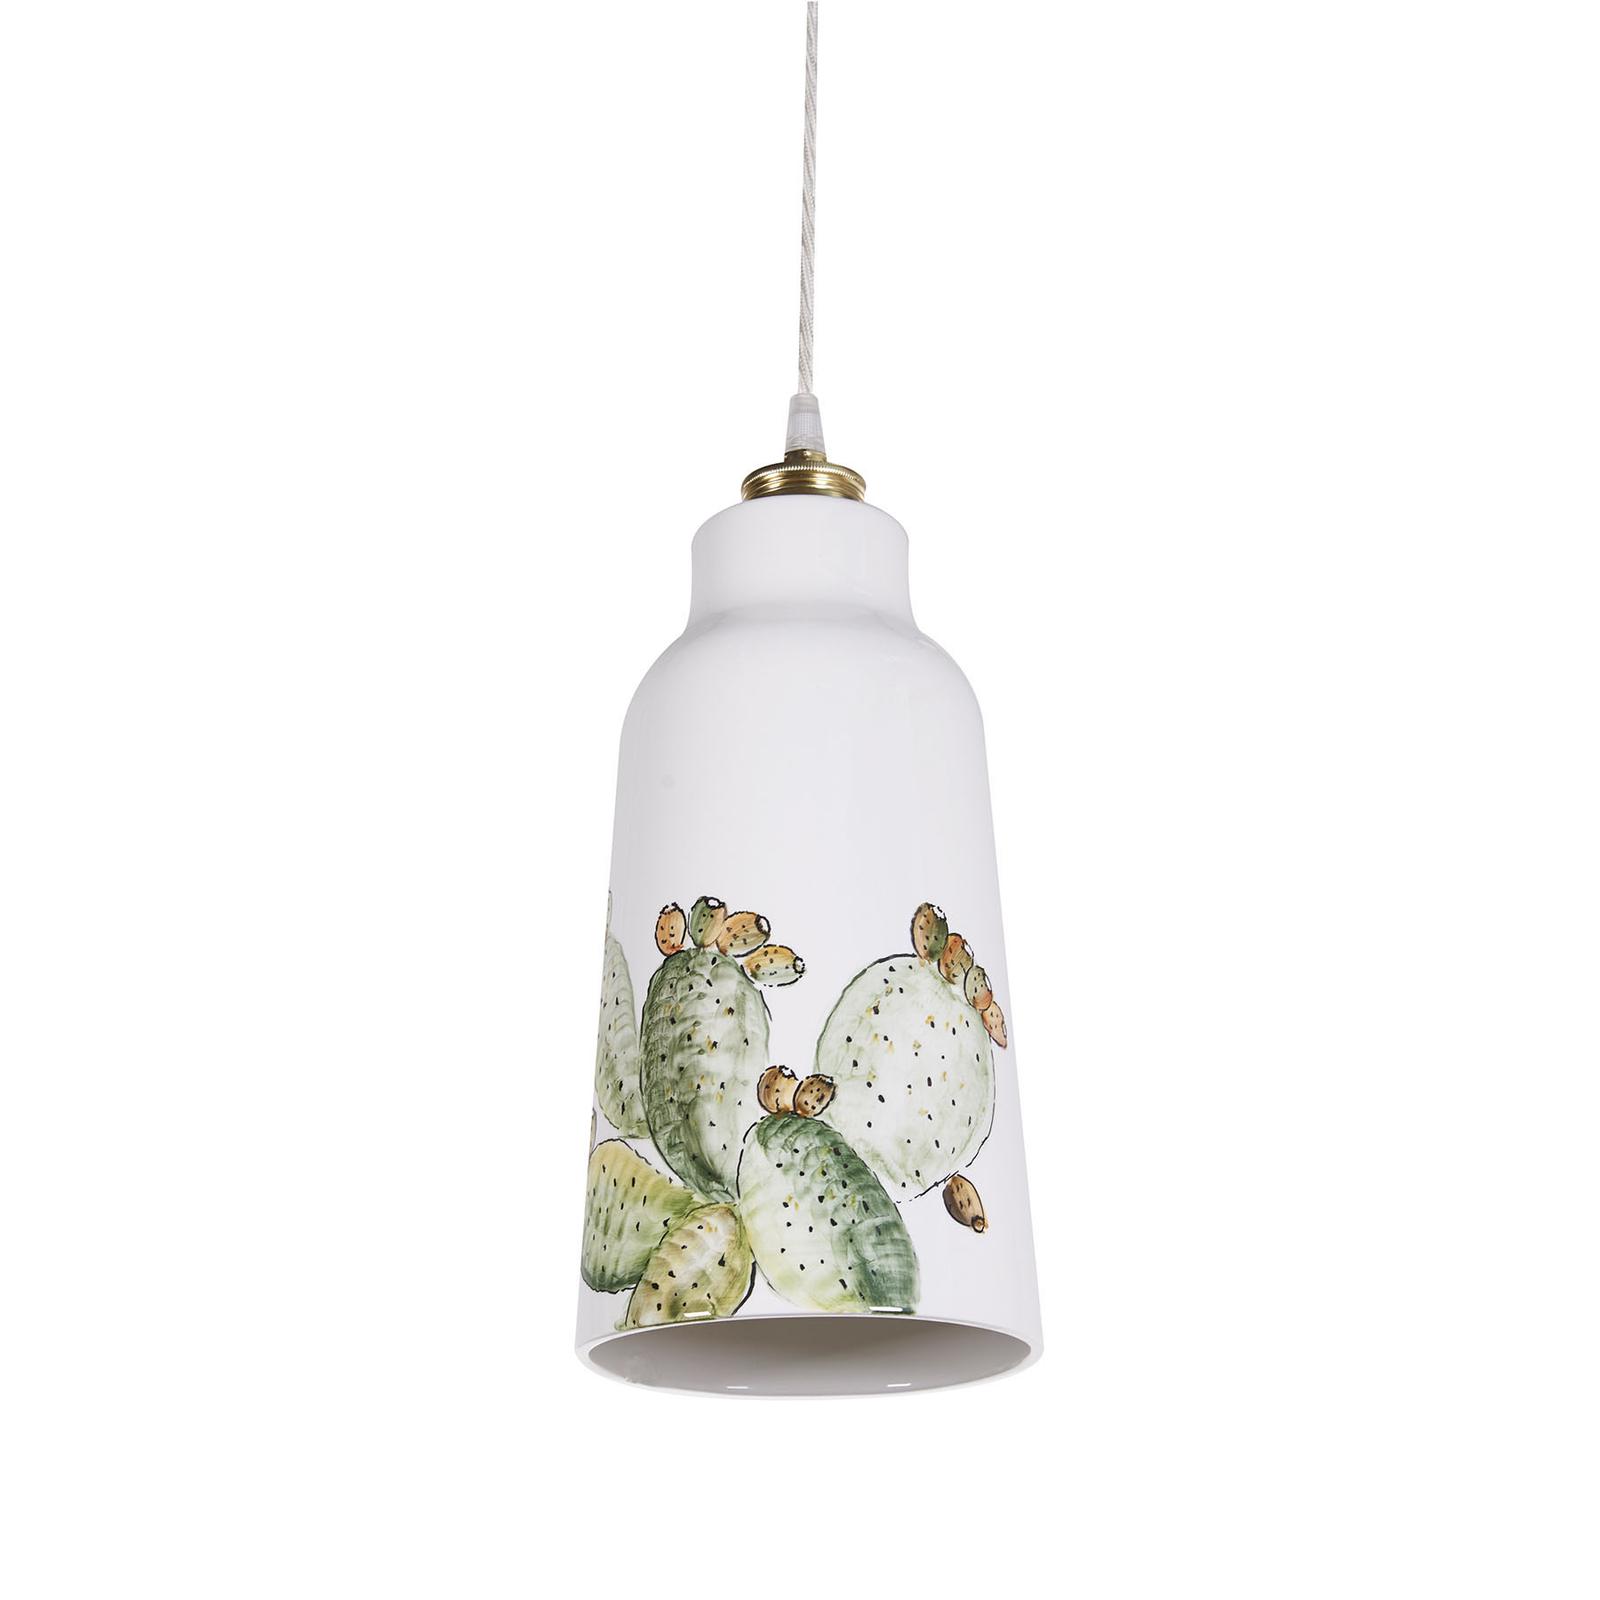 Ceramiczna lampa wisząca S1818 z wzorem kaktusa